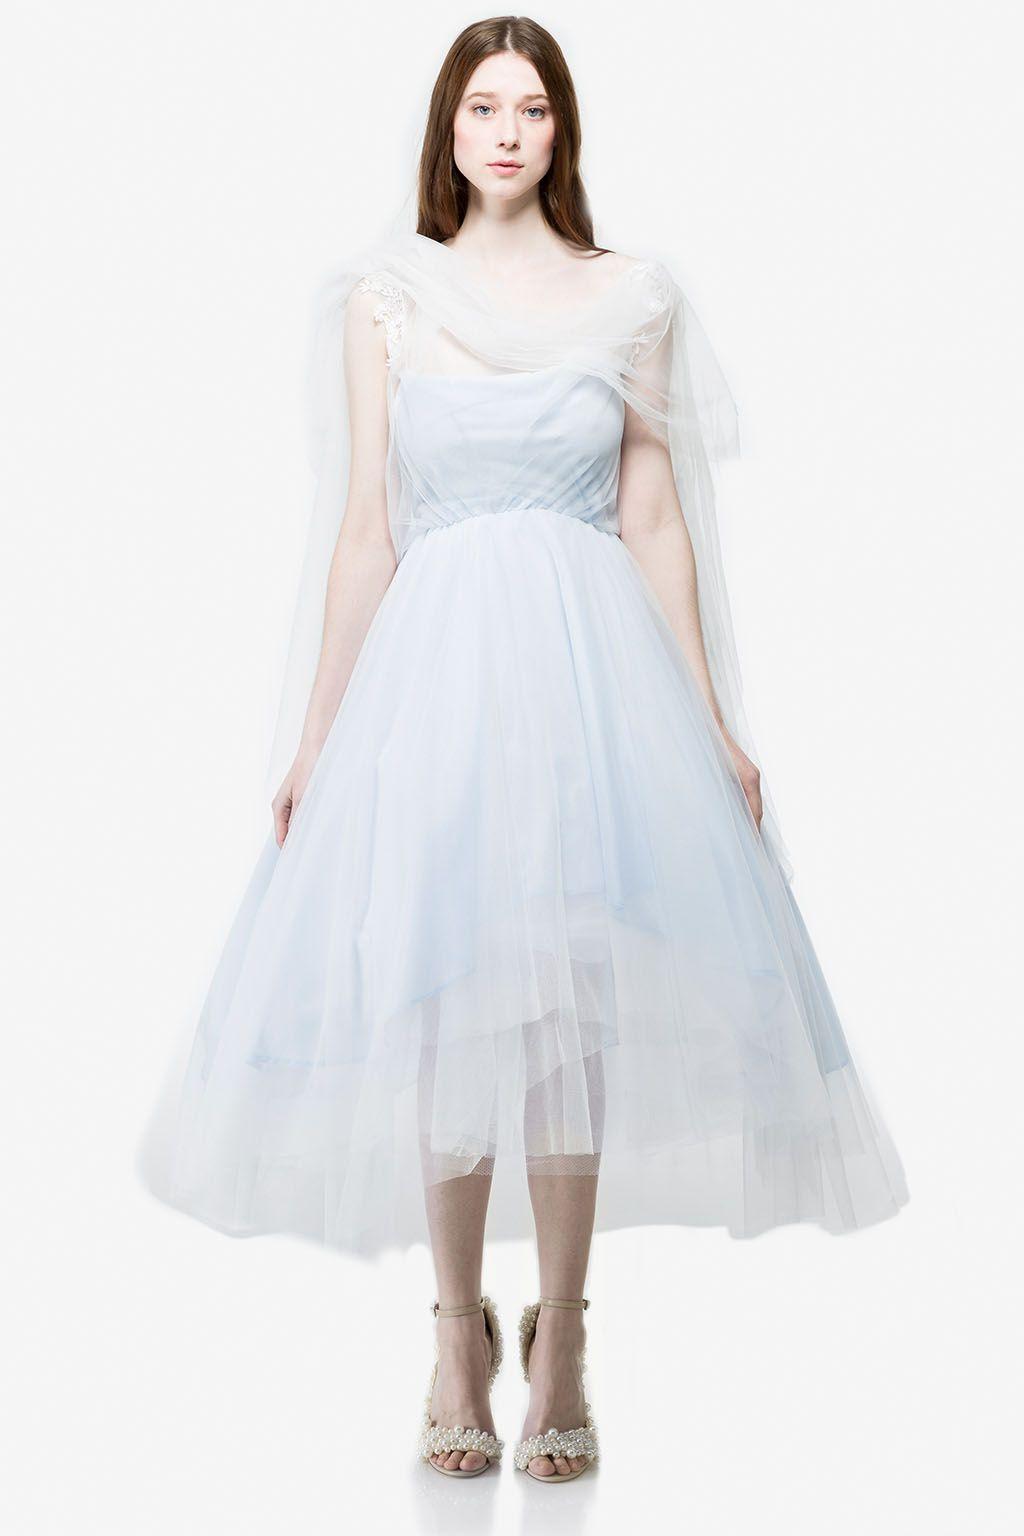 Luna Marie Gown - Lady Petrova